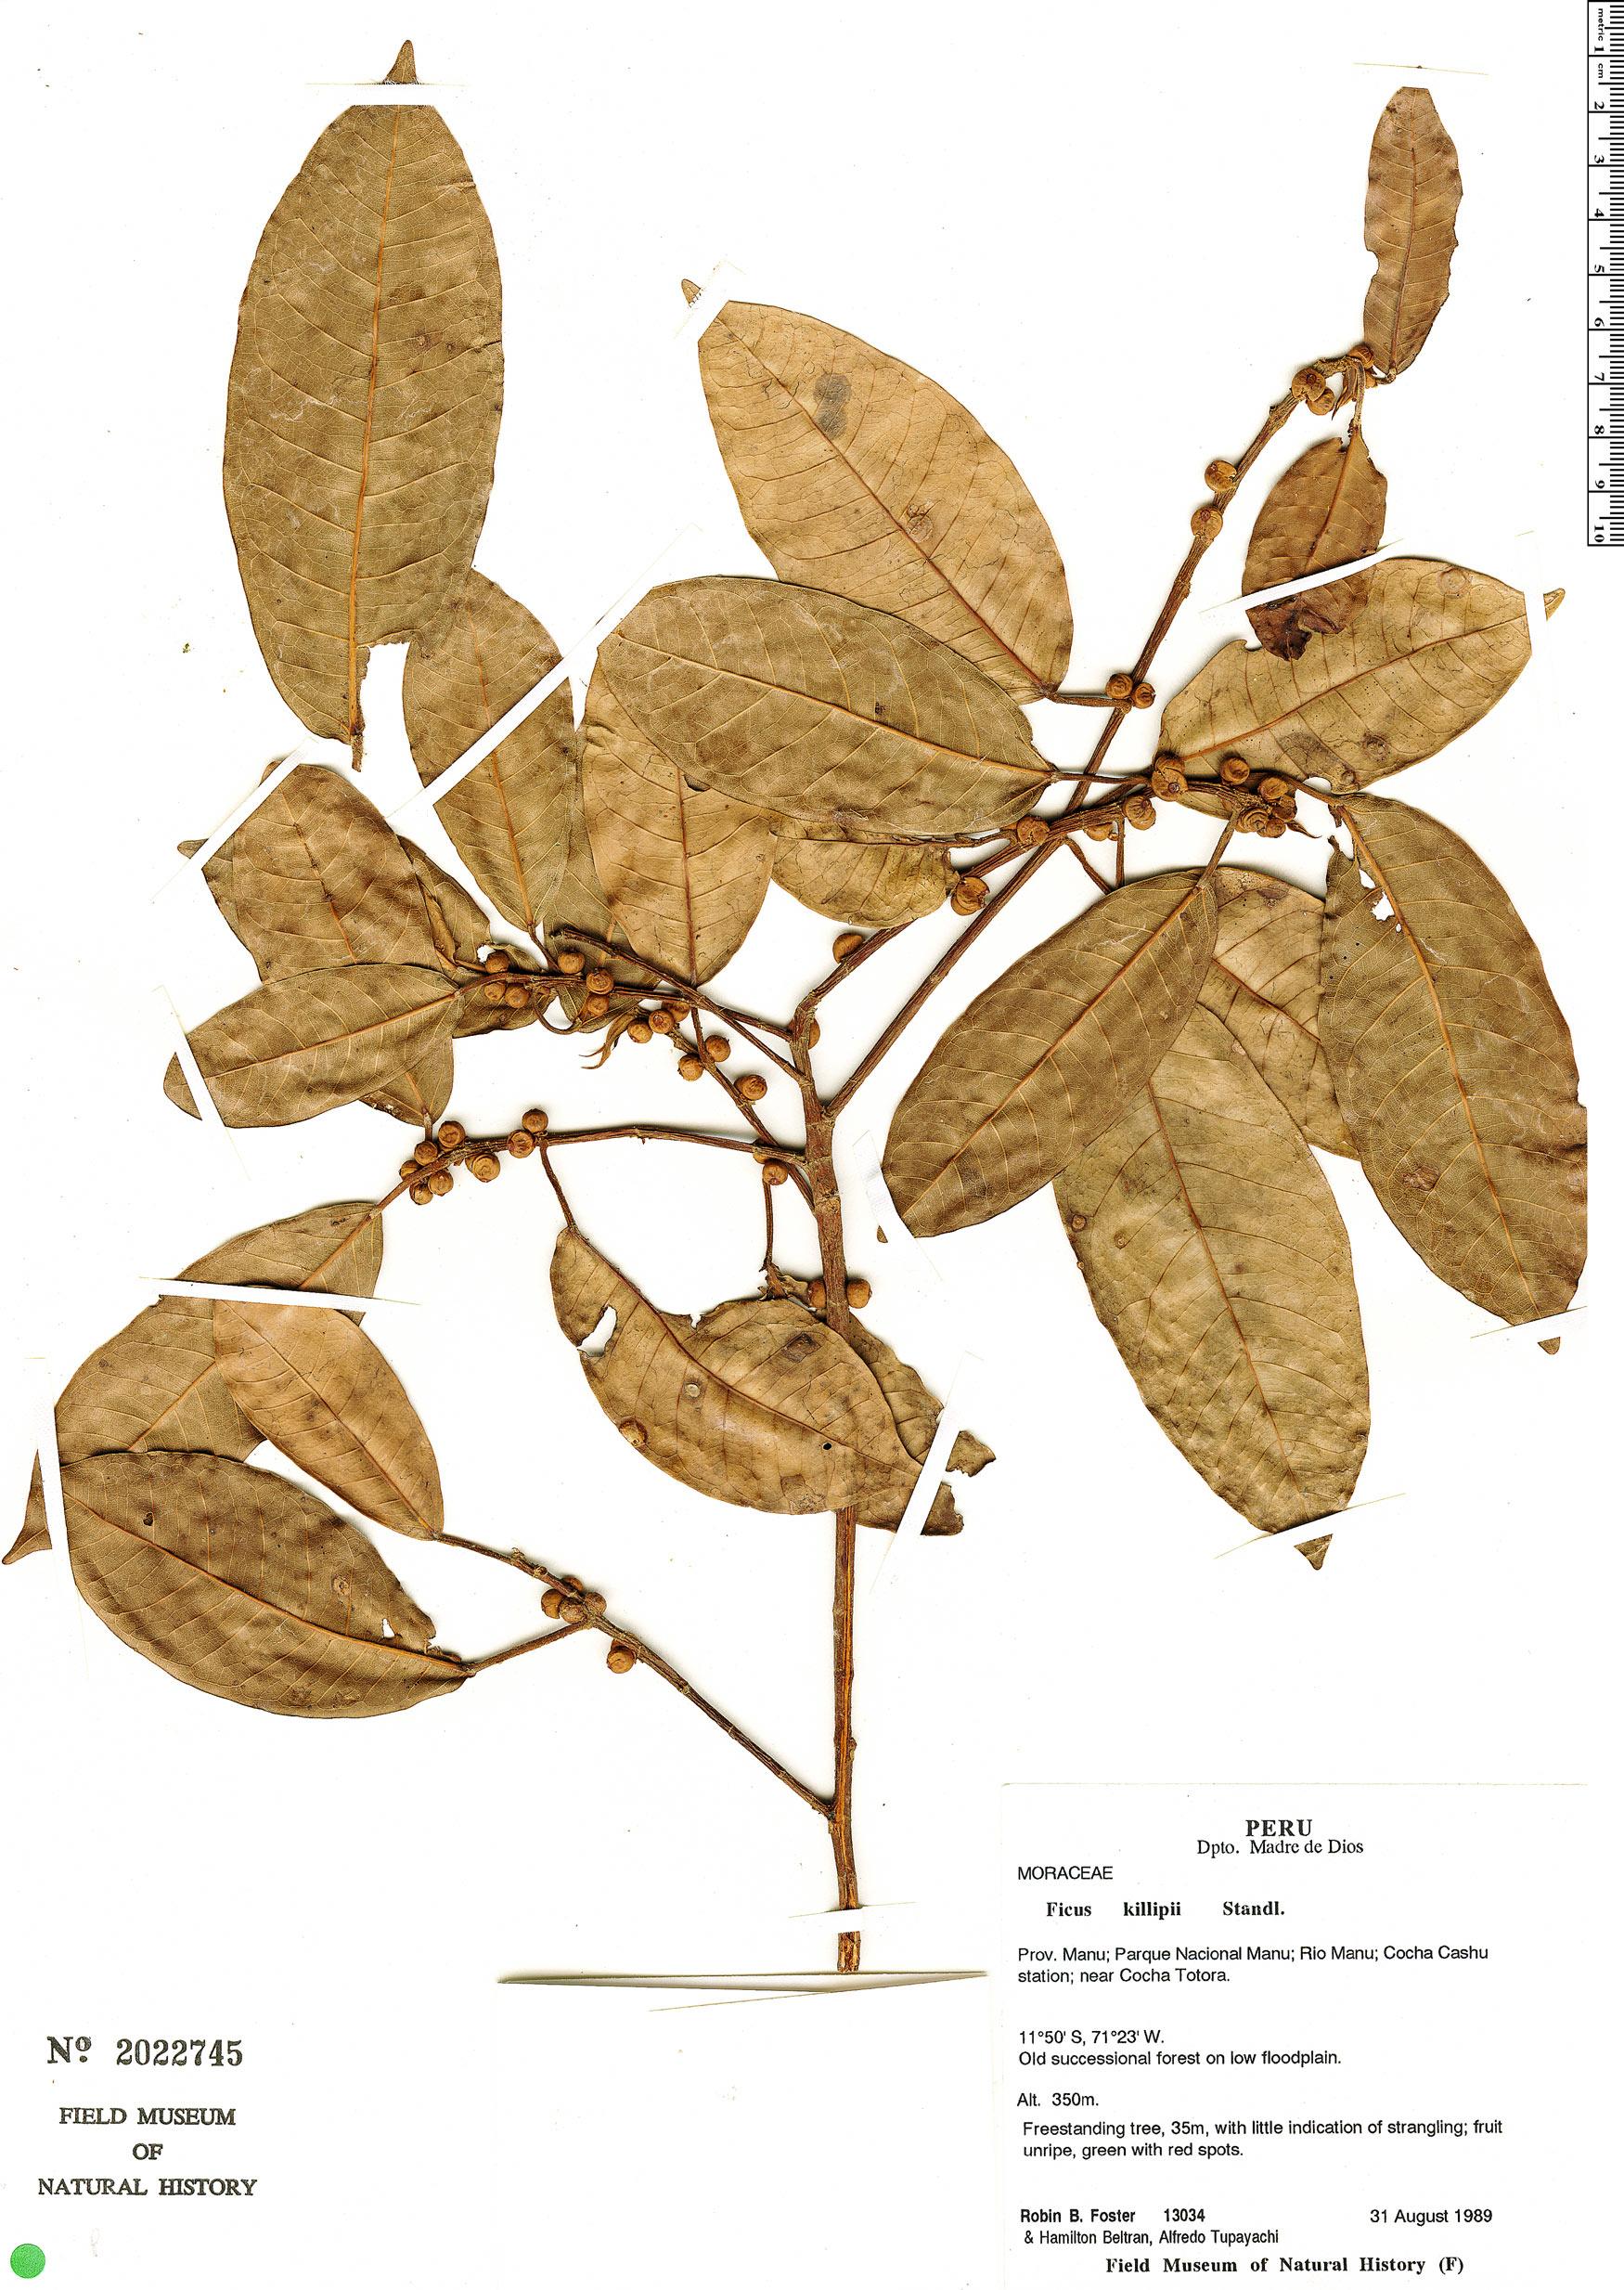 Specimen: Ficus coerulescens